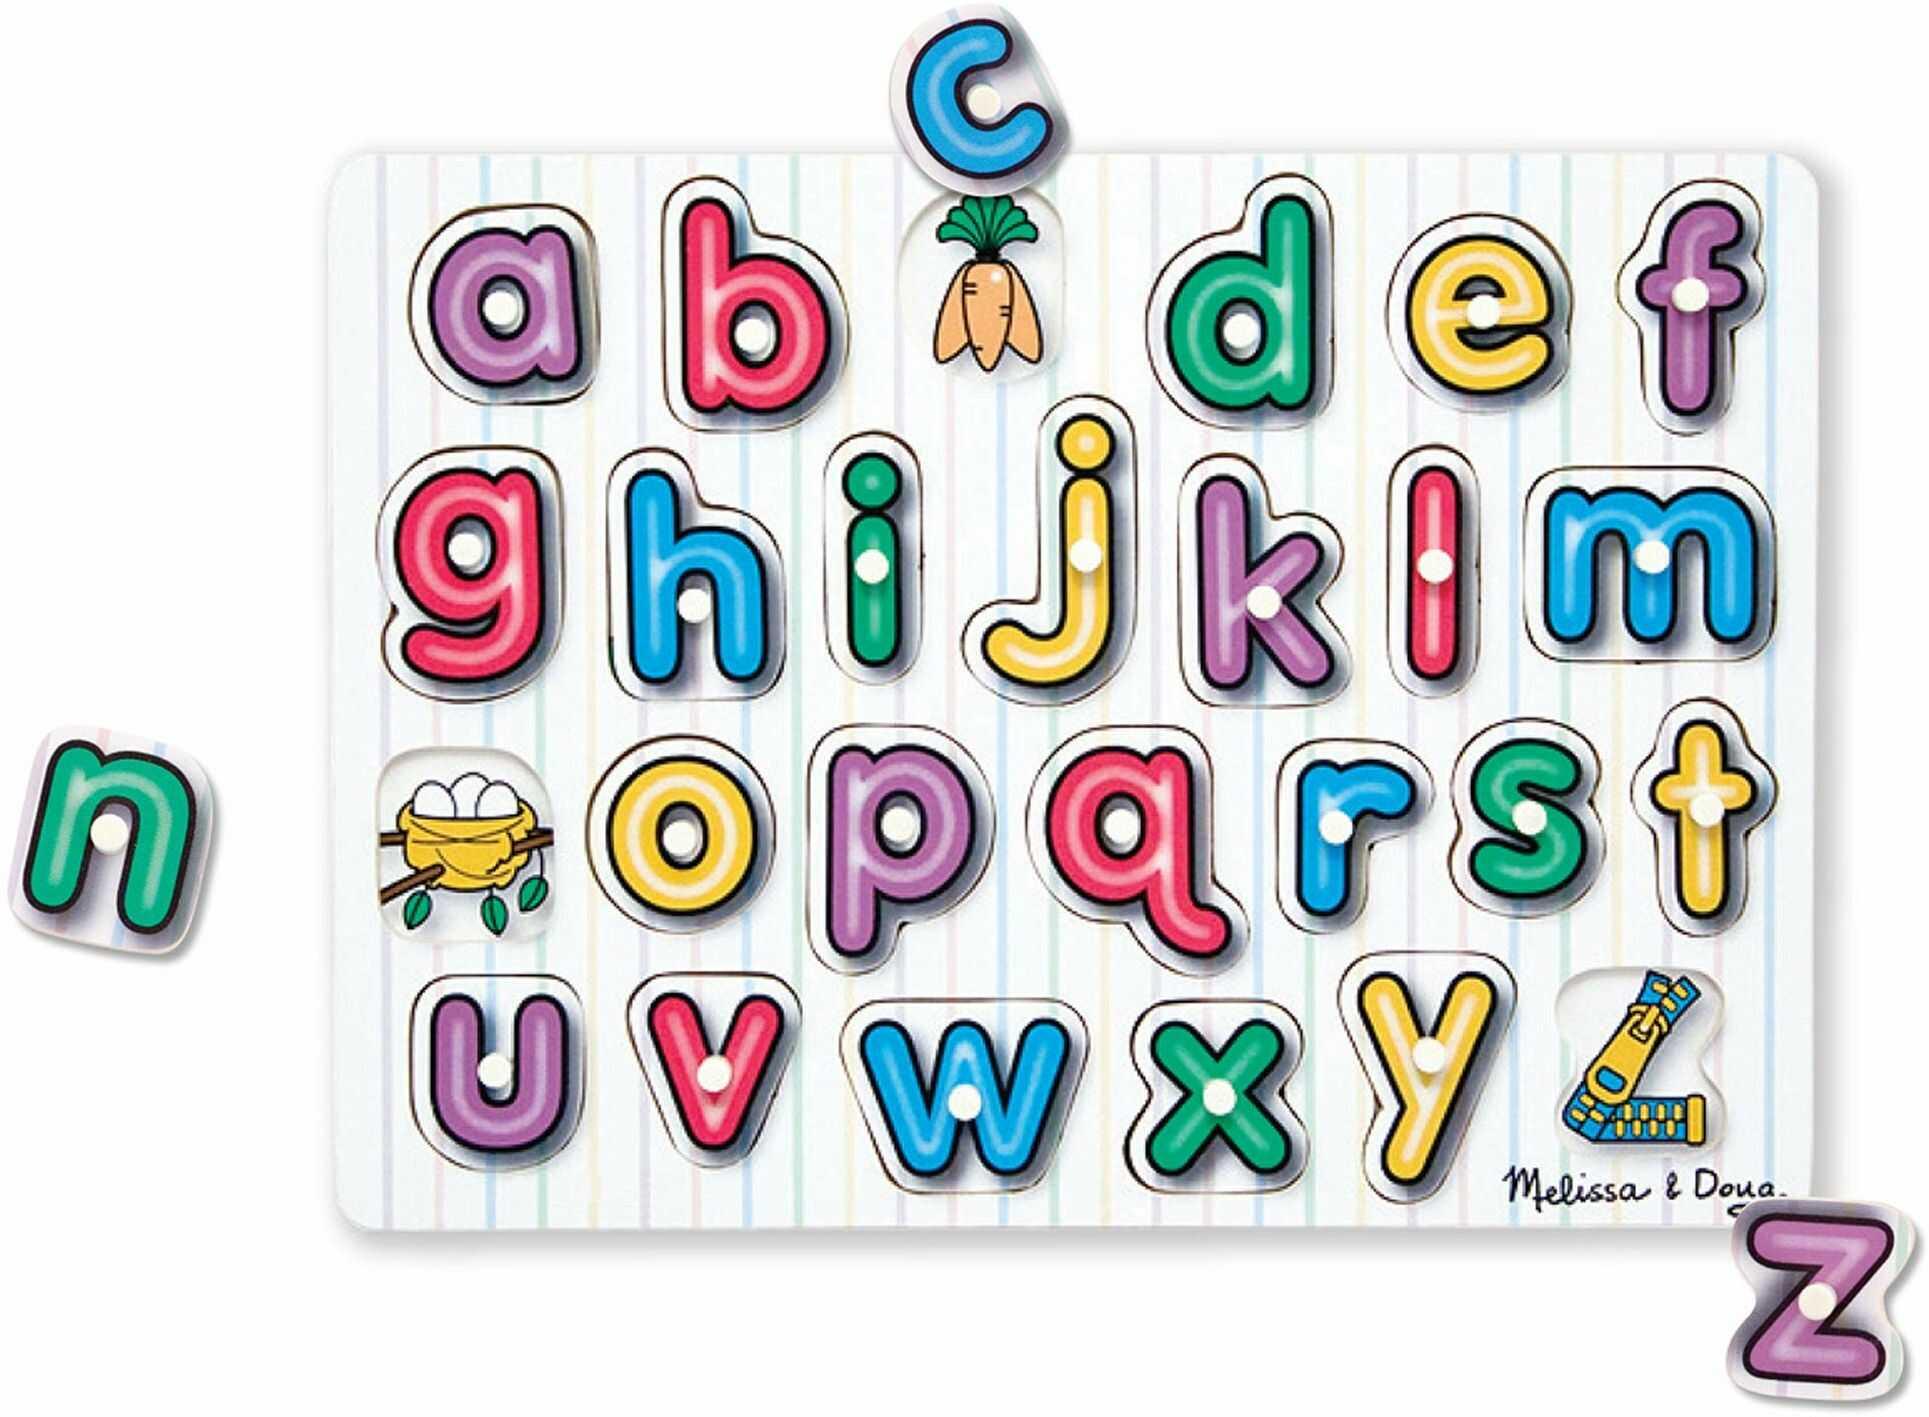 Melissa & Doug 13272 Doug See-Inside alfabet drewniany klamerka łamigłówka, wielokolorowa